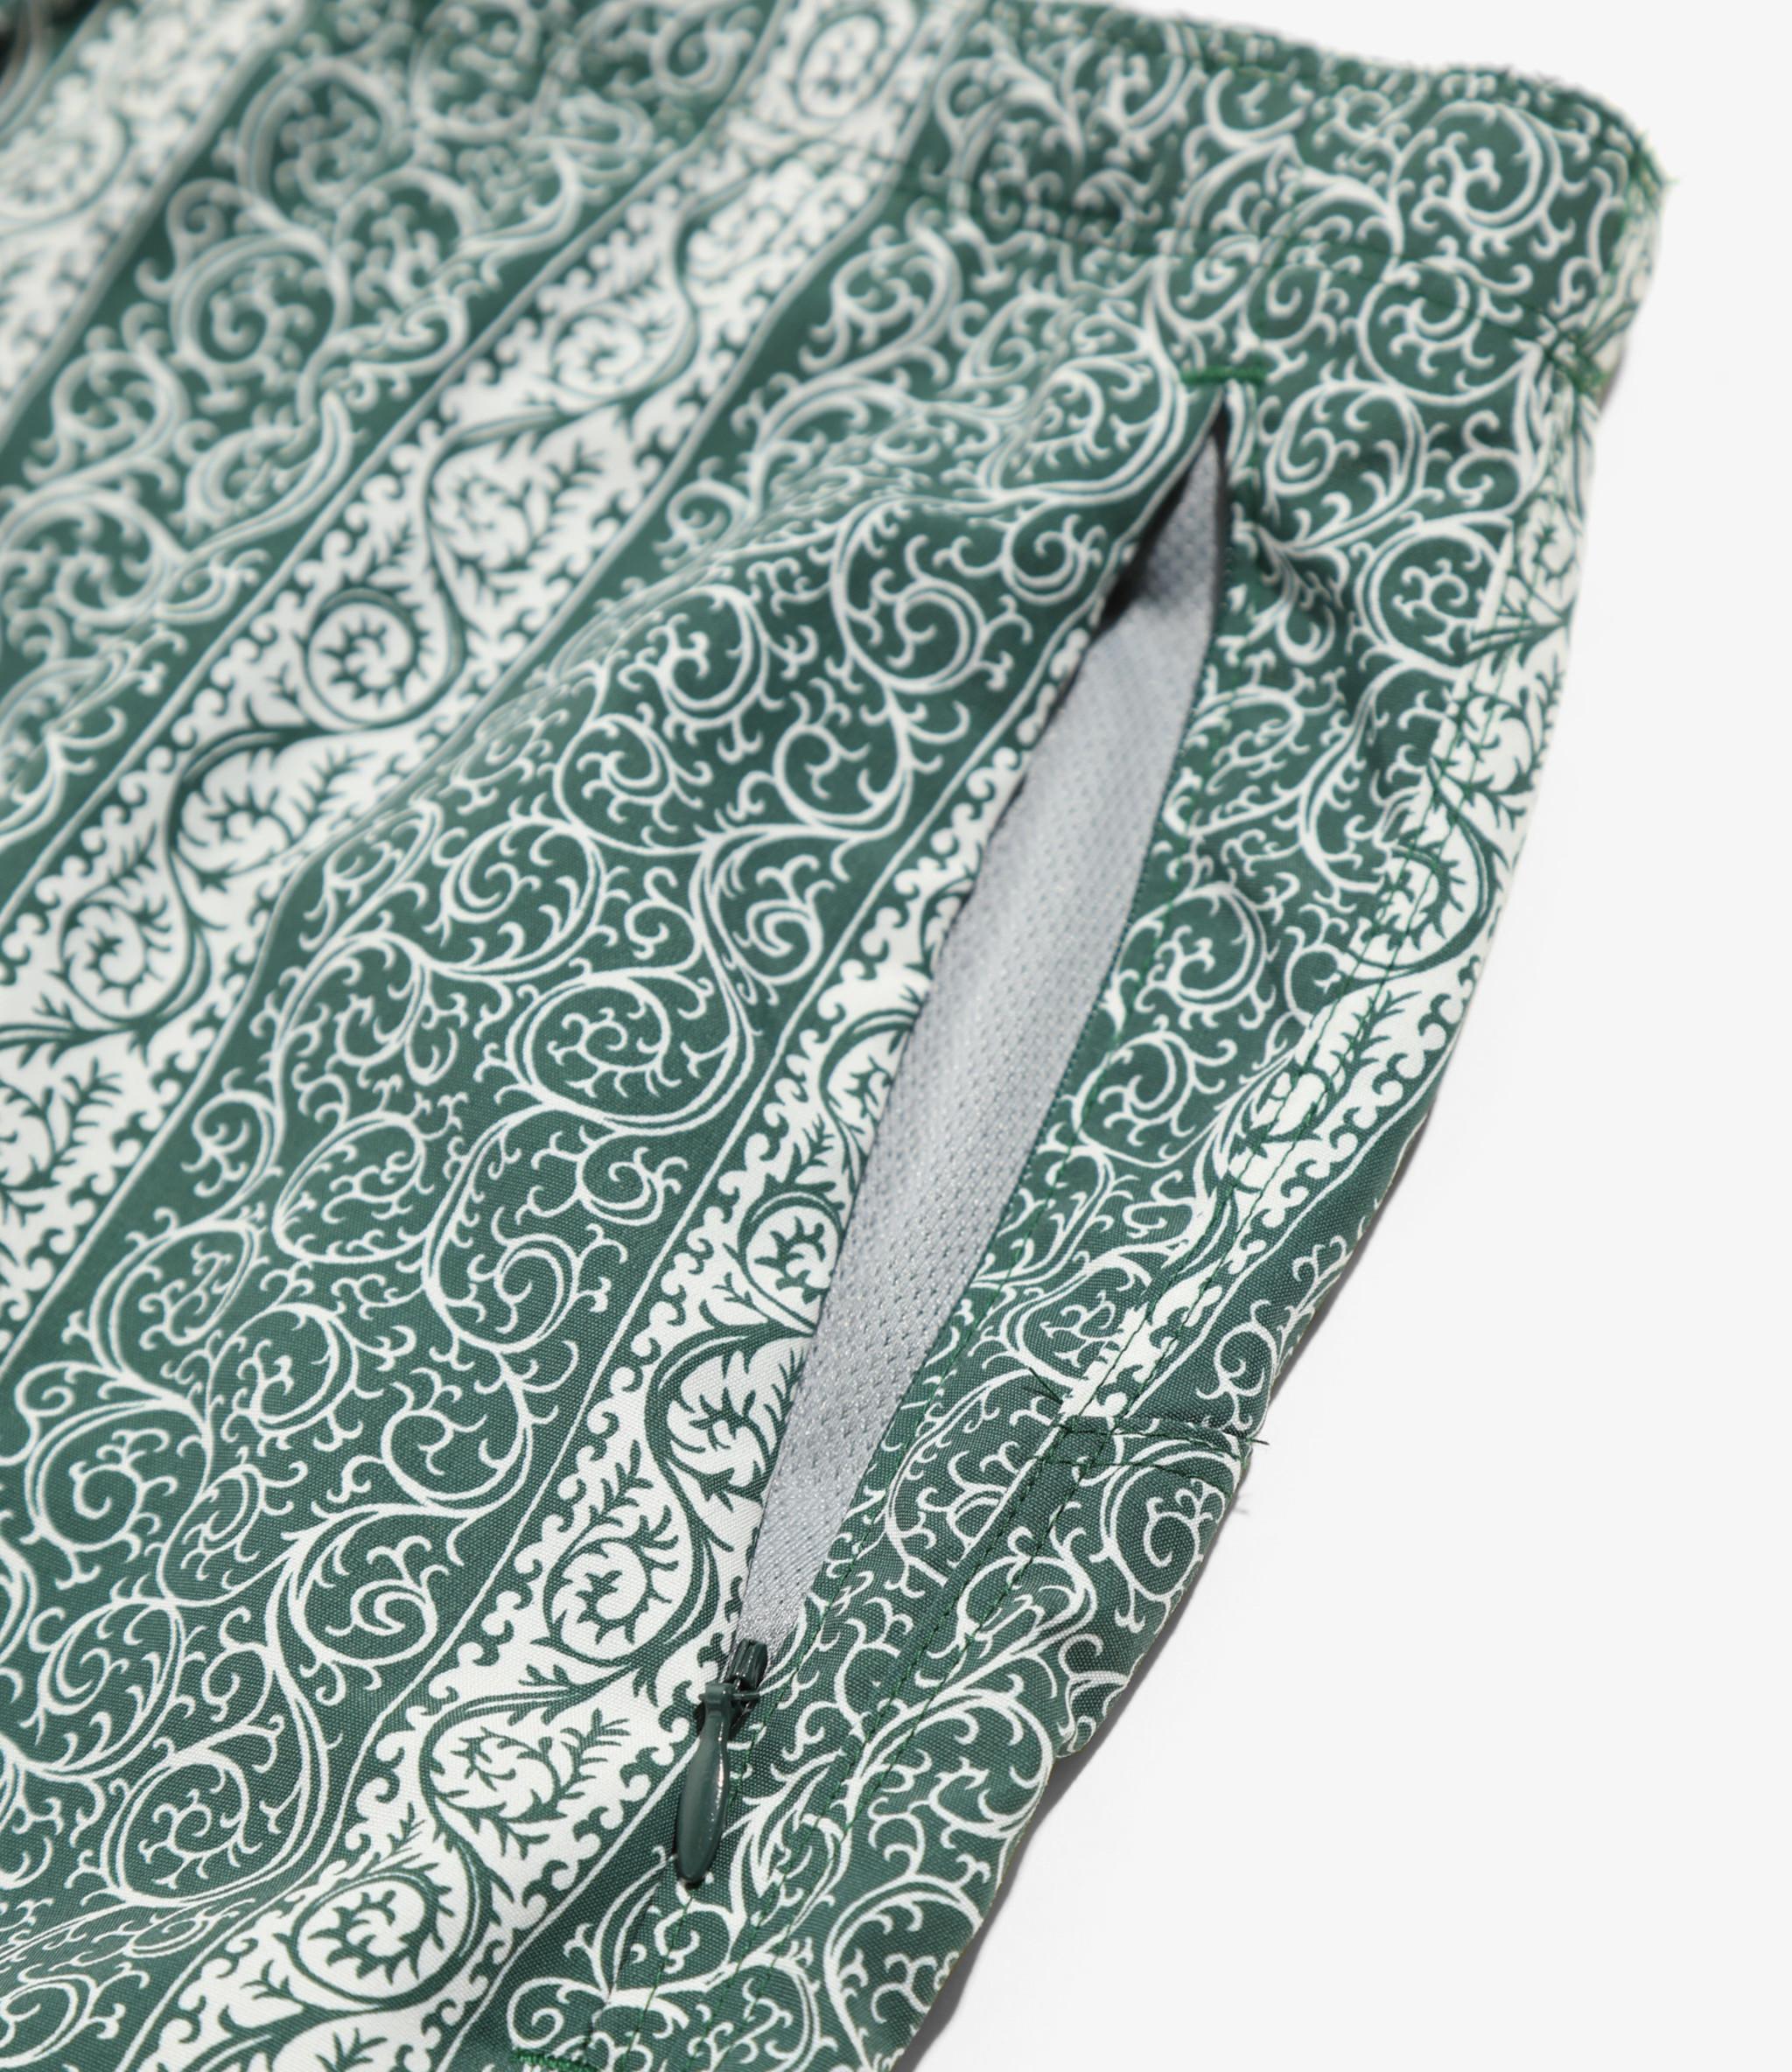 Needles W.U. Short - Nylon Tussore / Pt. - Arabesque St.